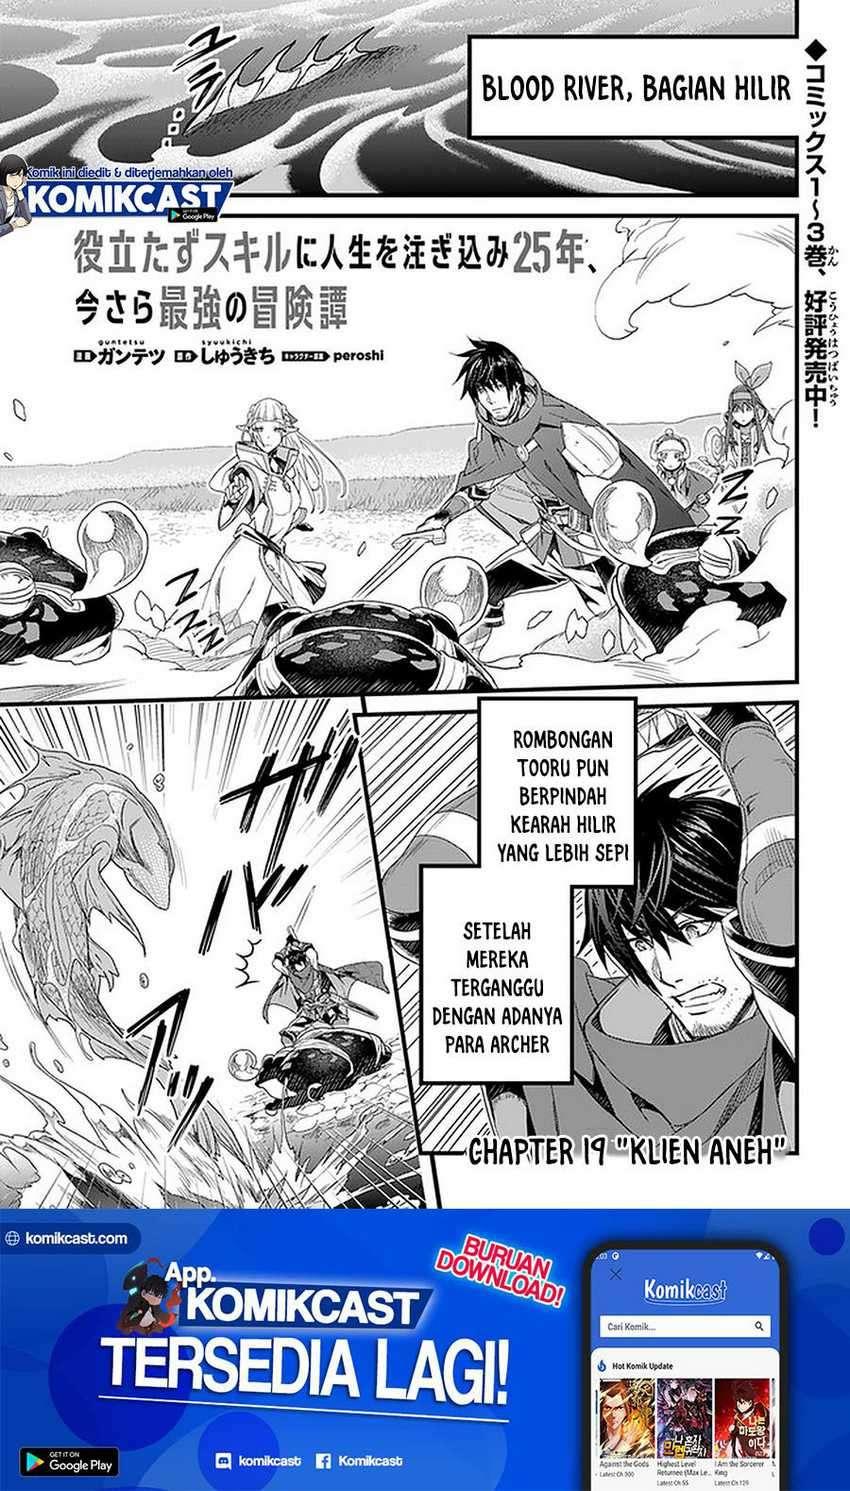 Yakudatazu Skill Ni Jinsei O Sosogikomi 25-nen, Imasara Saikyou No Boukentan Midori Kashi No Akira Chapter 19.1